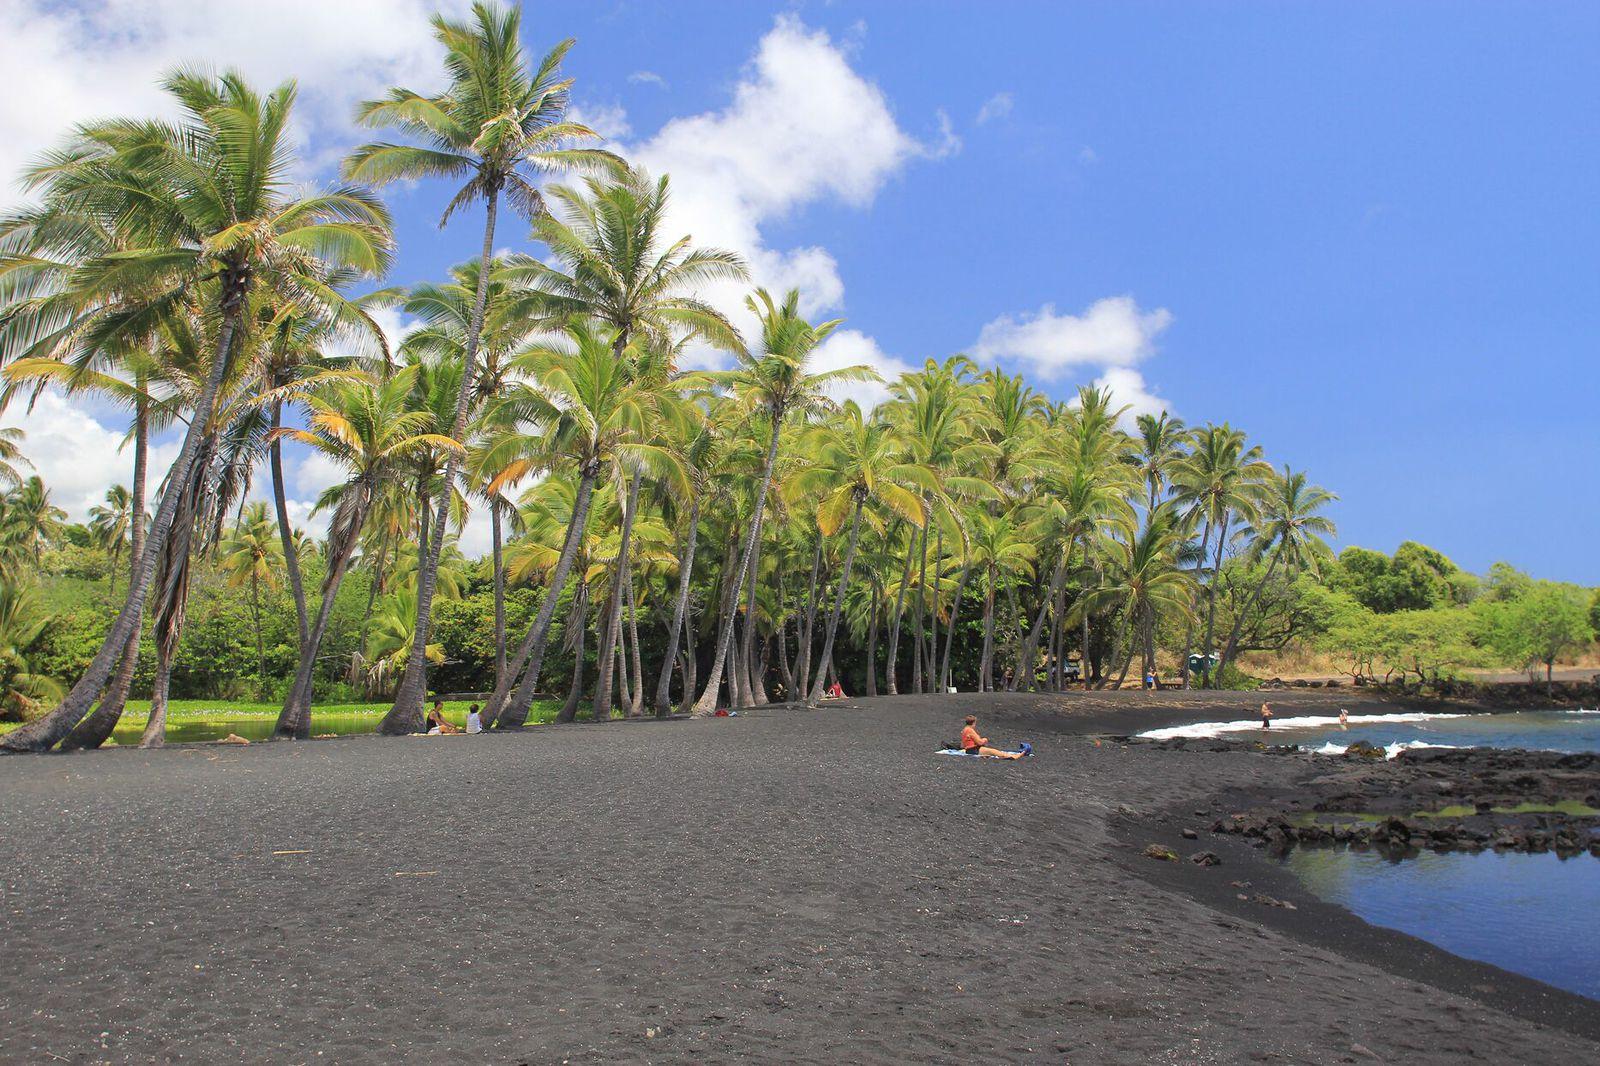 豪華プレゼントの情報も!アクティブ派におすすめな「ハワイ島」3泊5日プランはこれだ